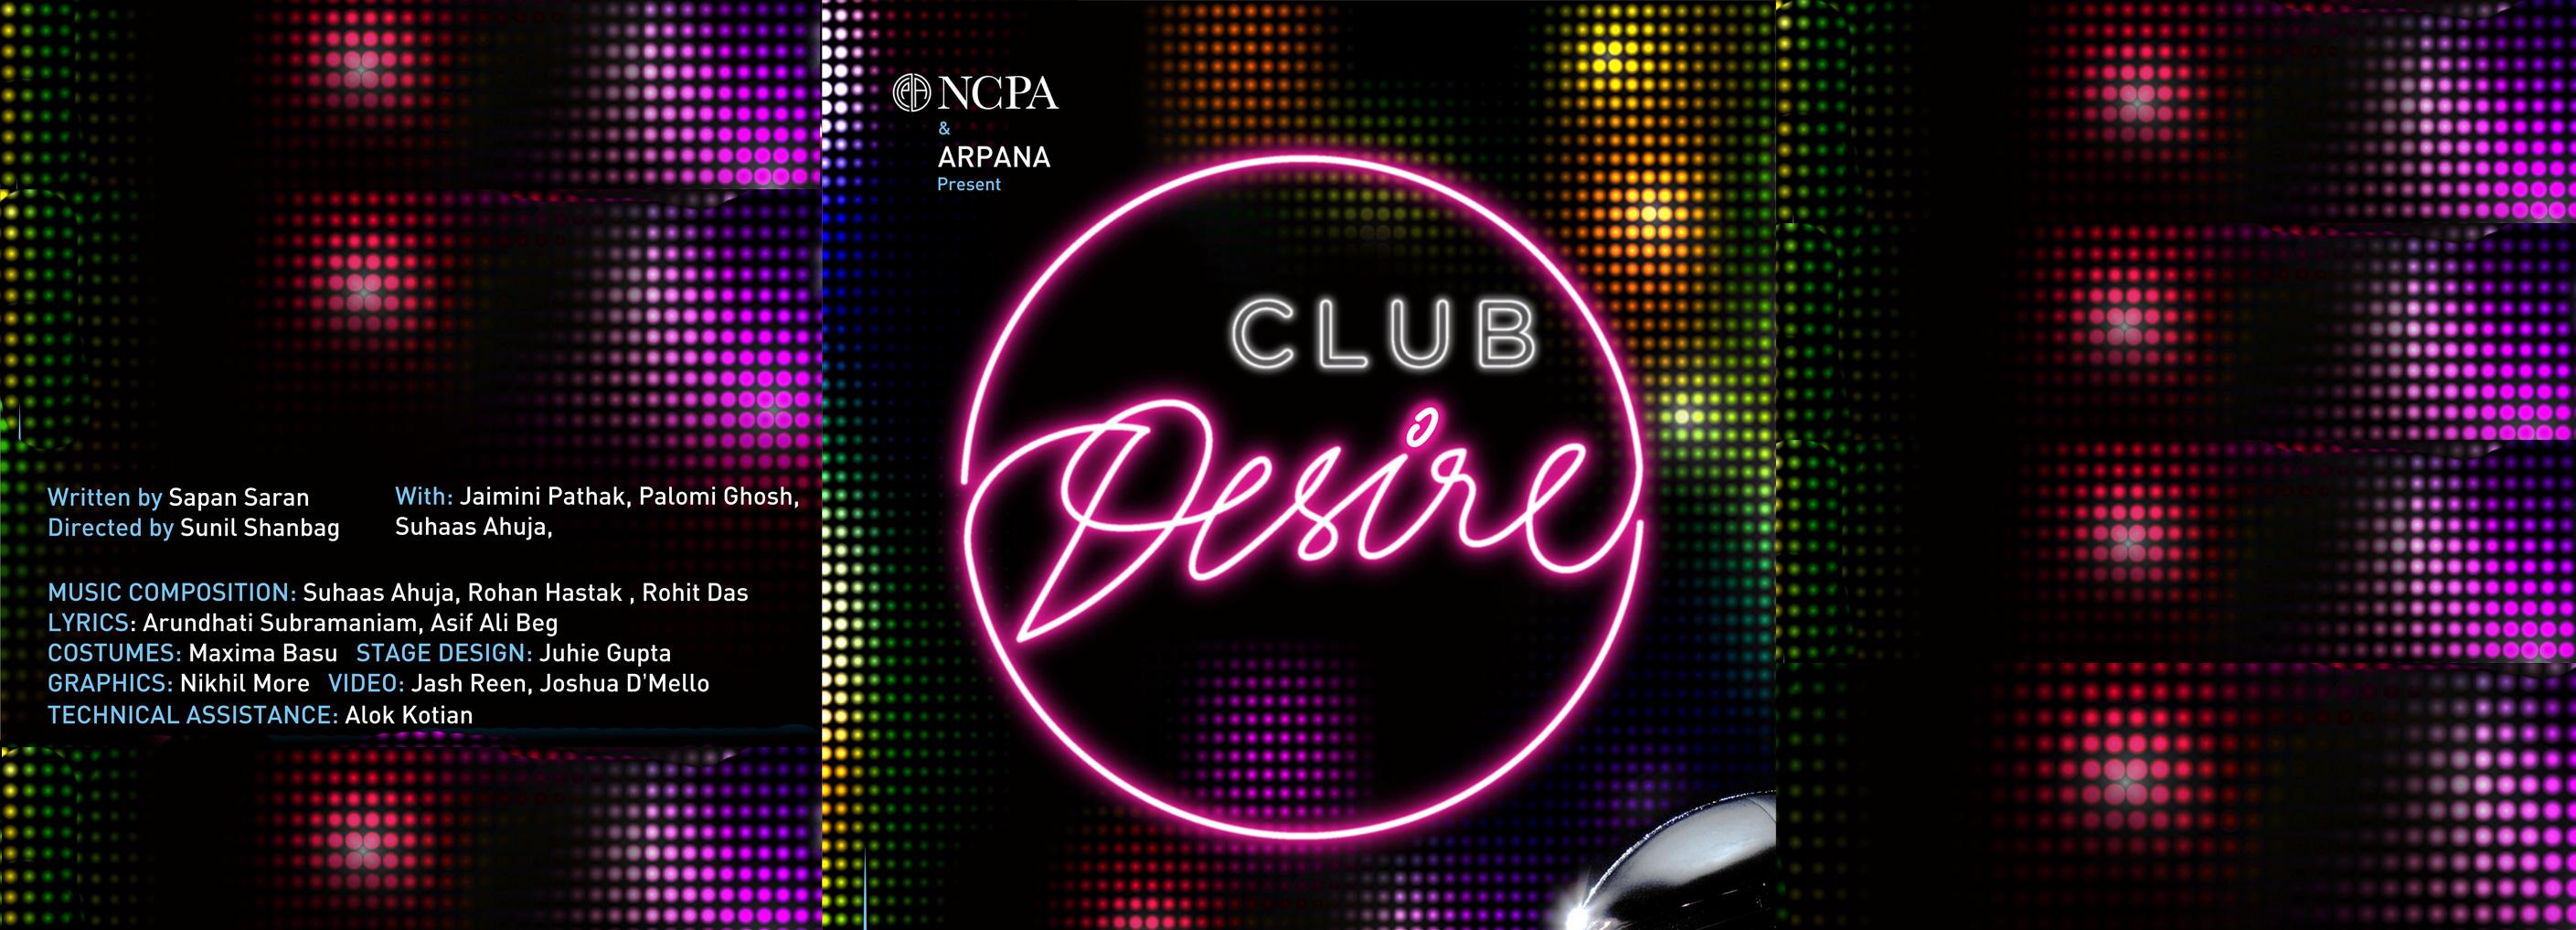 NCPA & ARPANA present